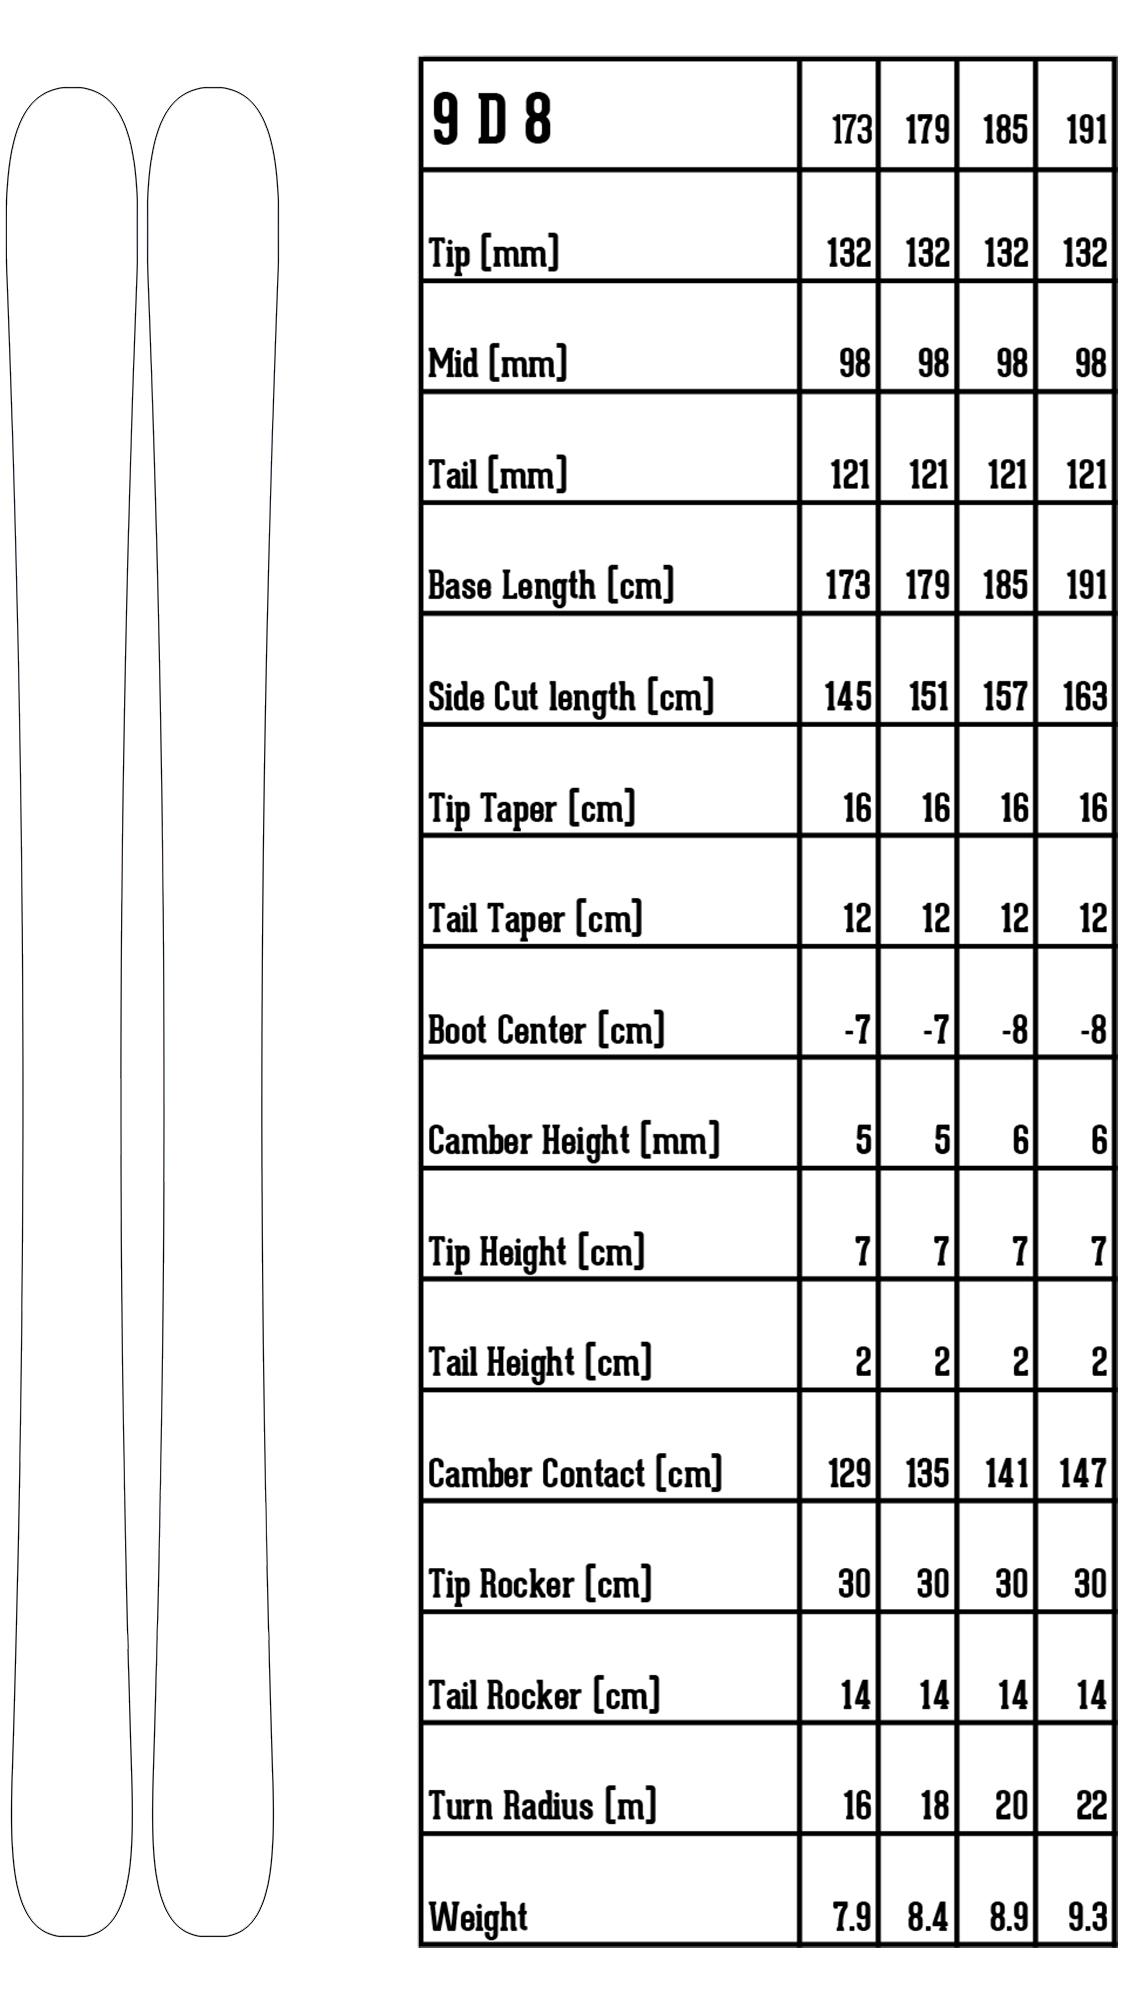 9D8 ski information spec sheet